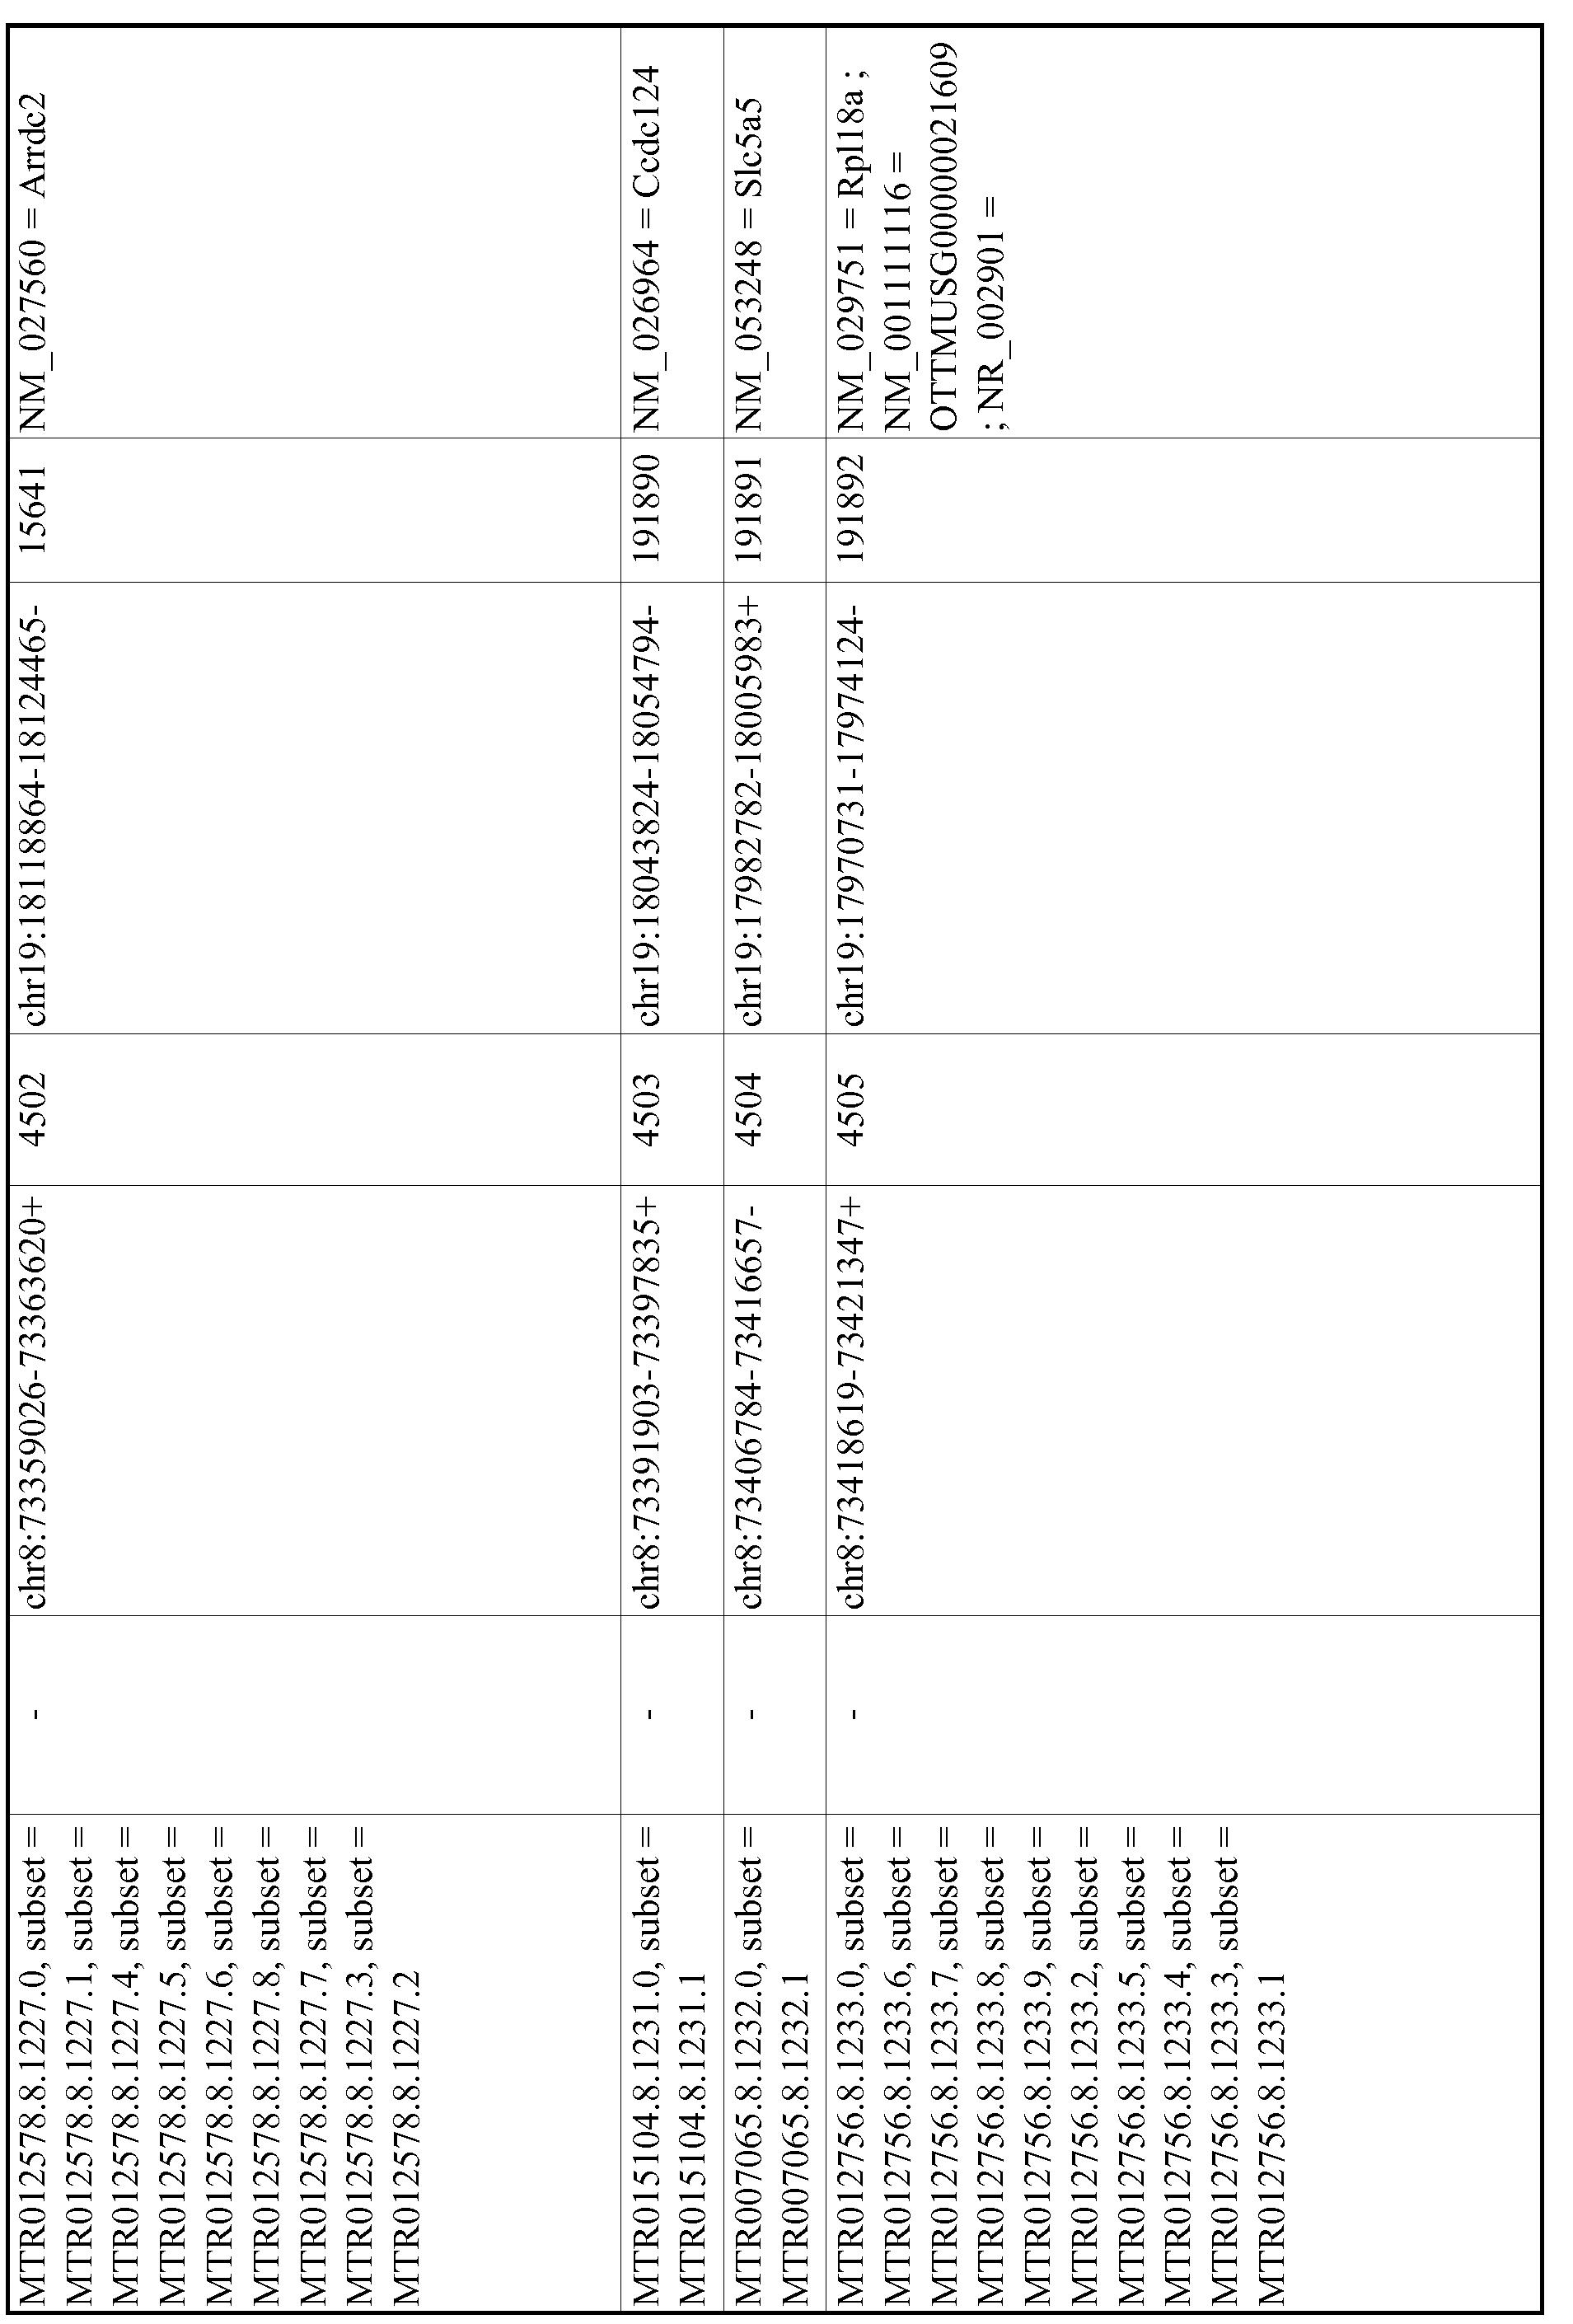 Figure imgf000837_0001